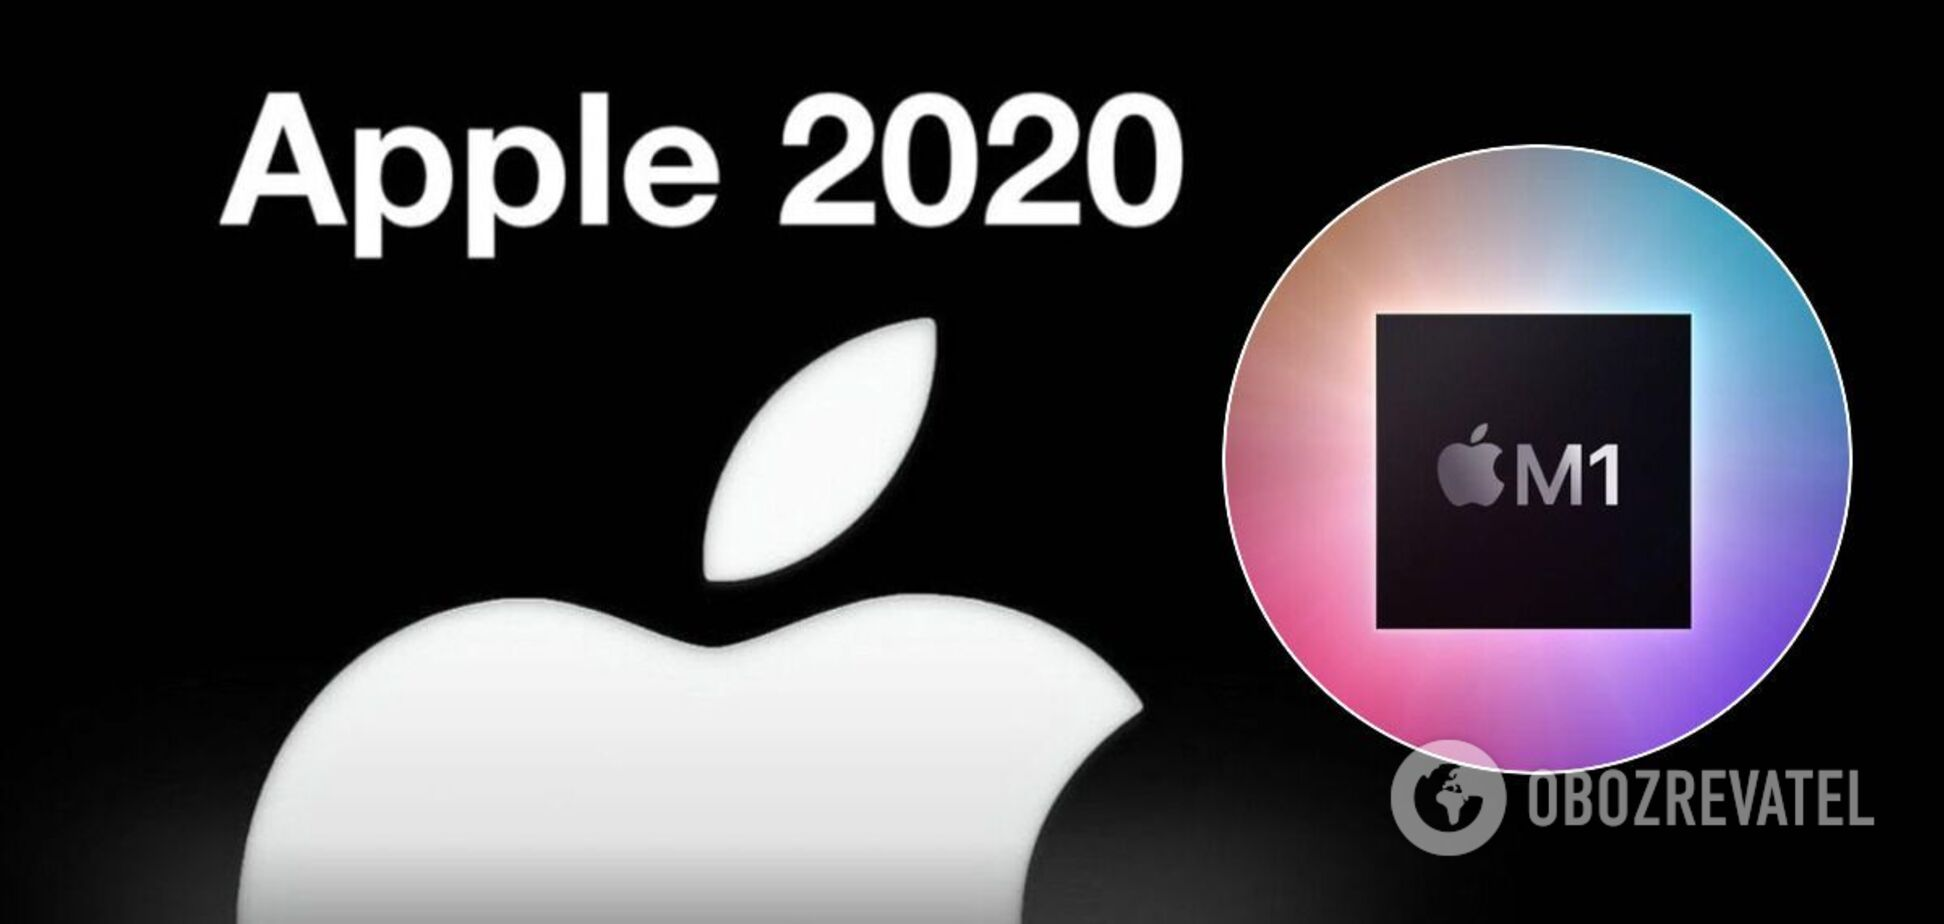 Apple провела презентацию: какие новинки были показаны. Фото и видео